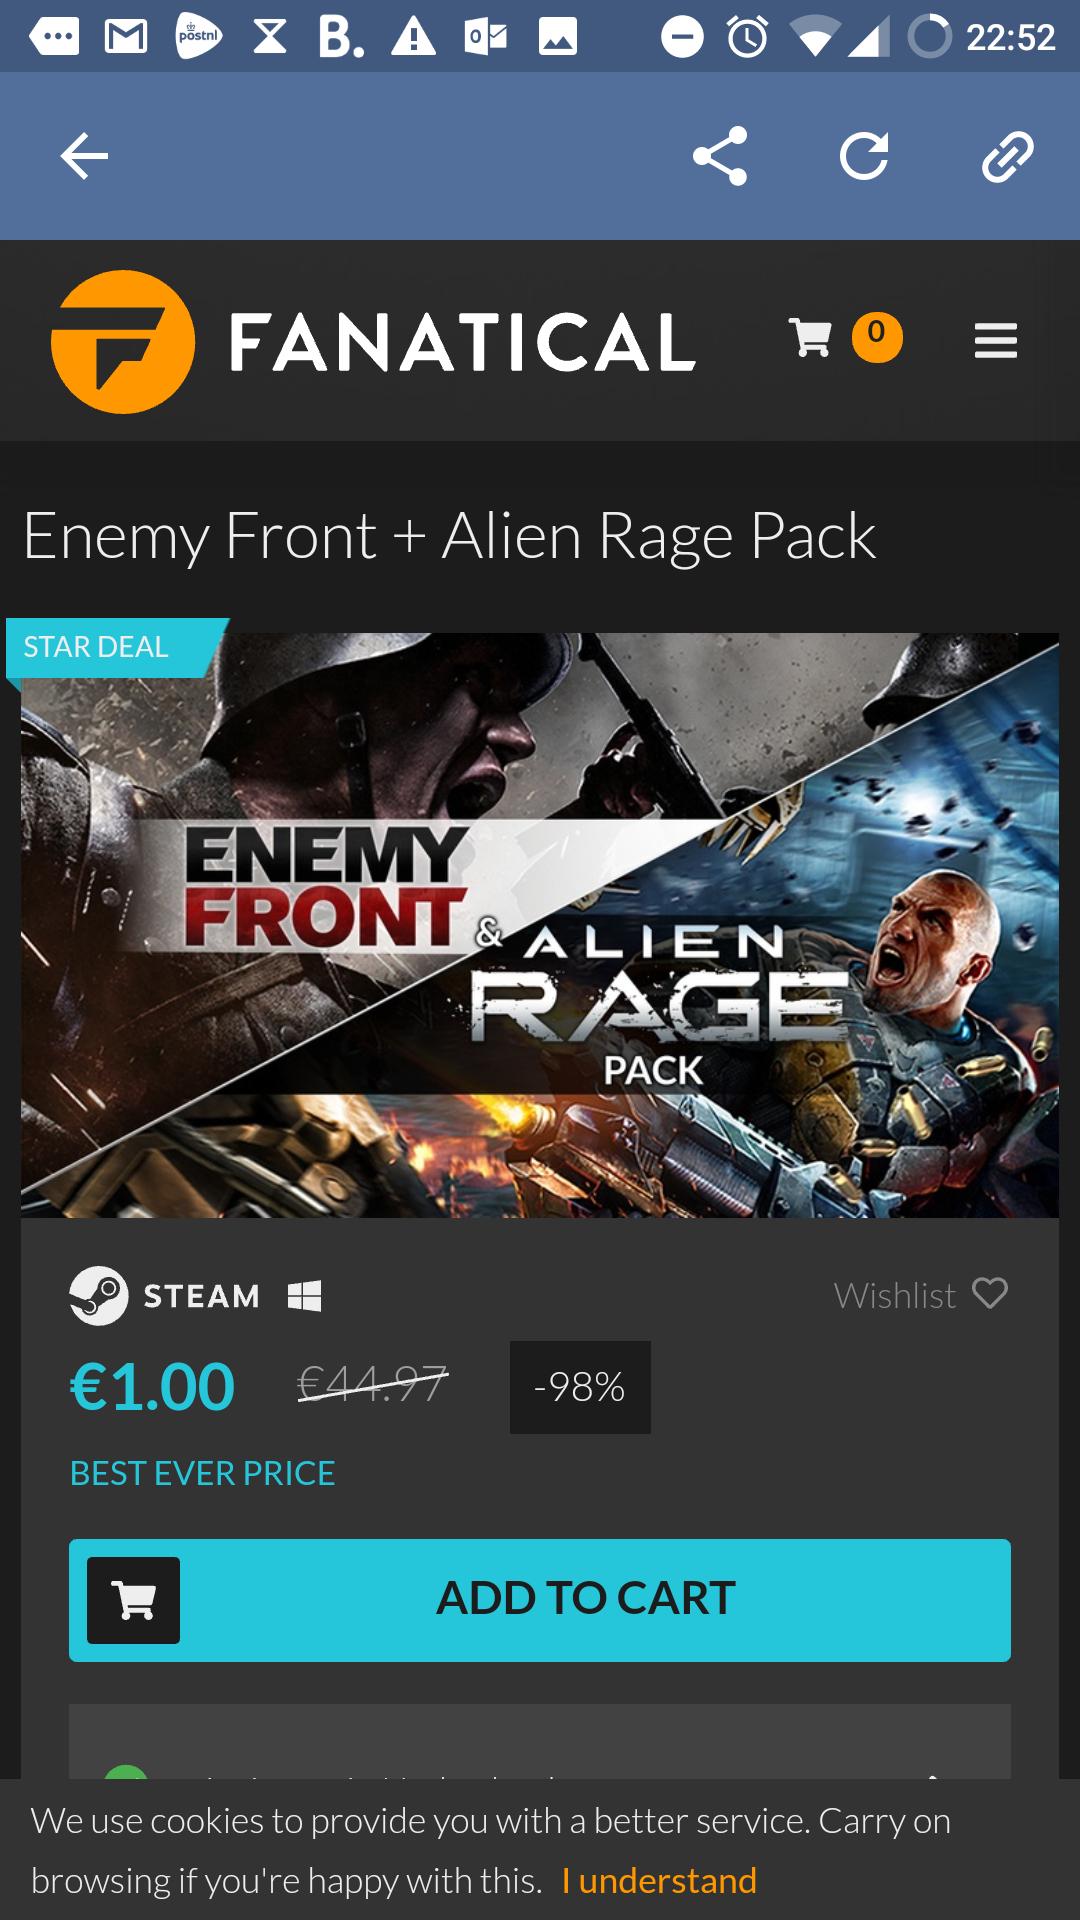 Enemy Front & Alien Rage Pack [Fanatical] Steam keys, € 1,-